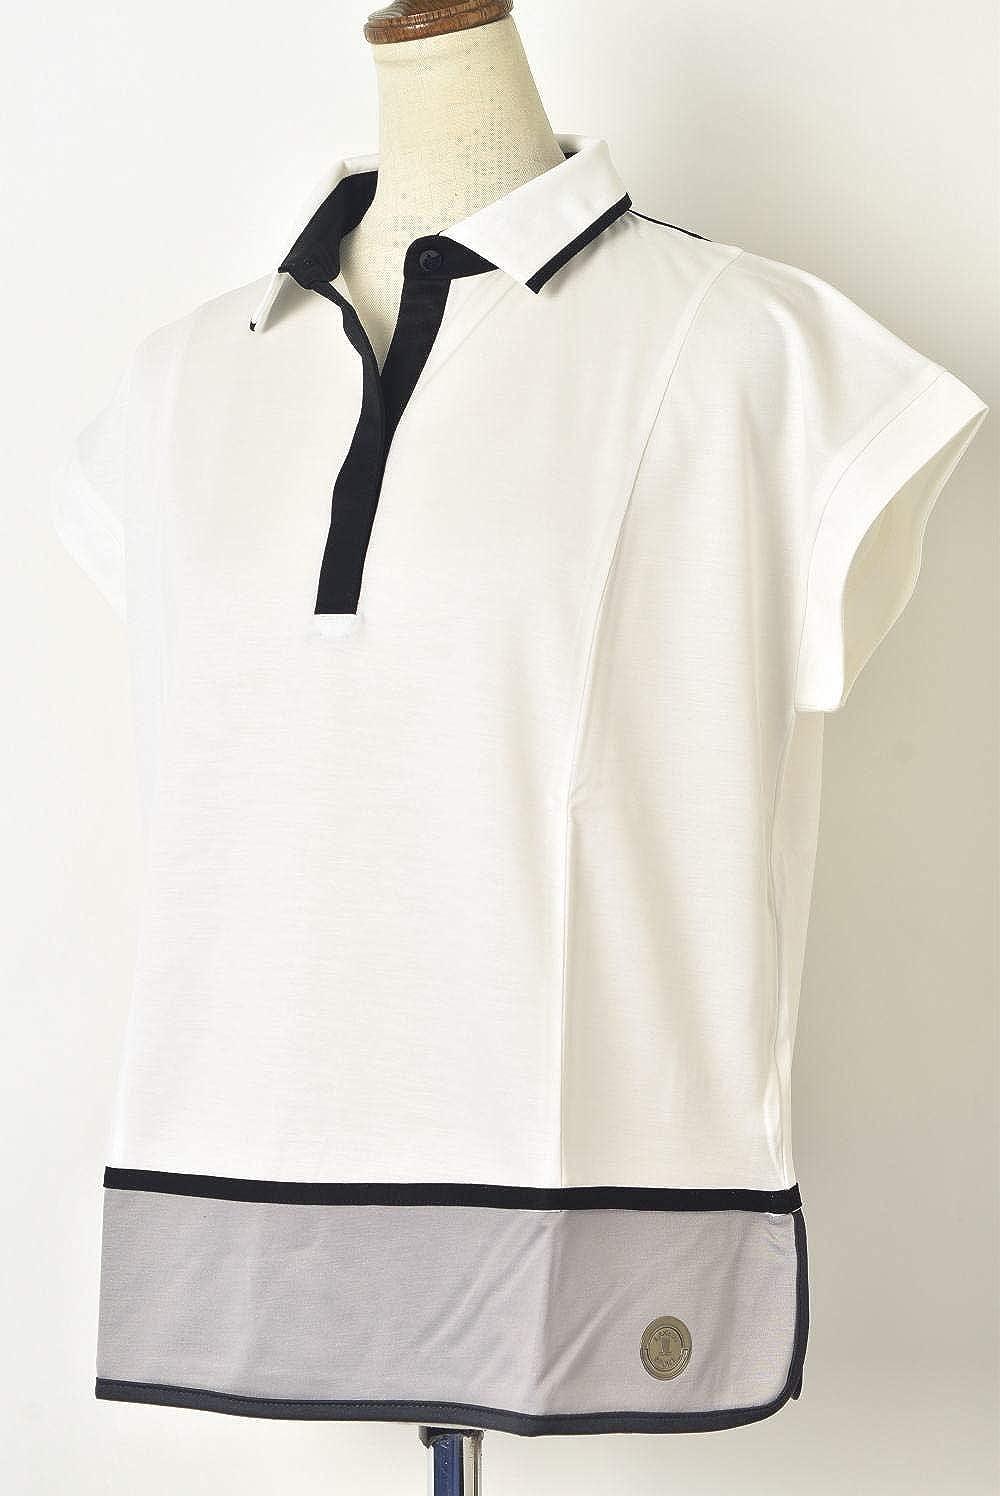 (ランバン スポール) LANVIN SPORT 半袖ポロシャツ トップス レディース スポーツ ゴルフ vln157244n L(40) ホワイト(WH01) B07SDLHNGW